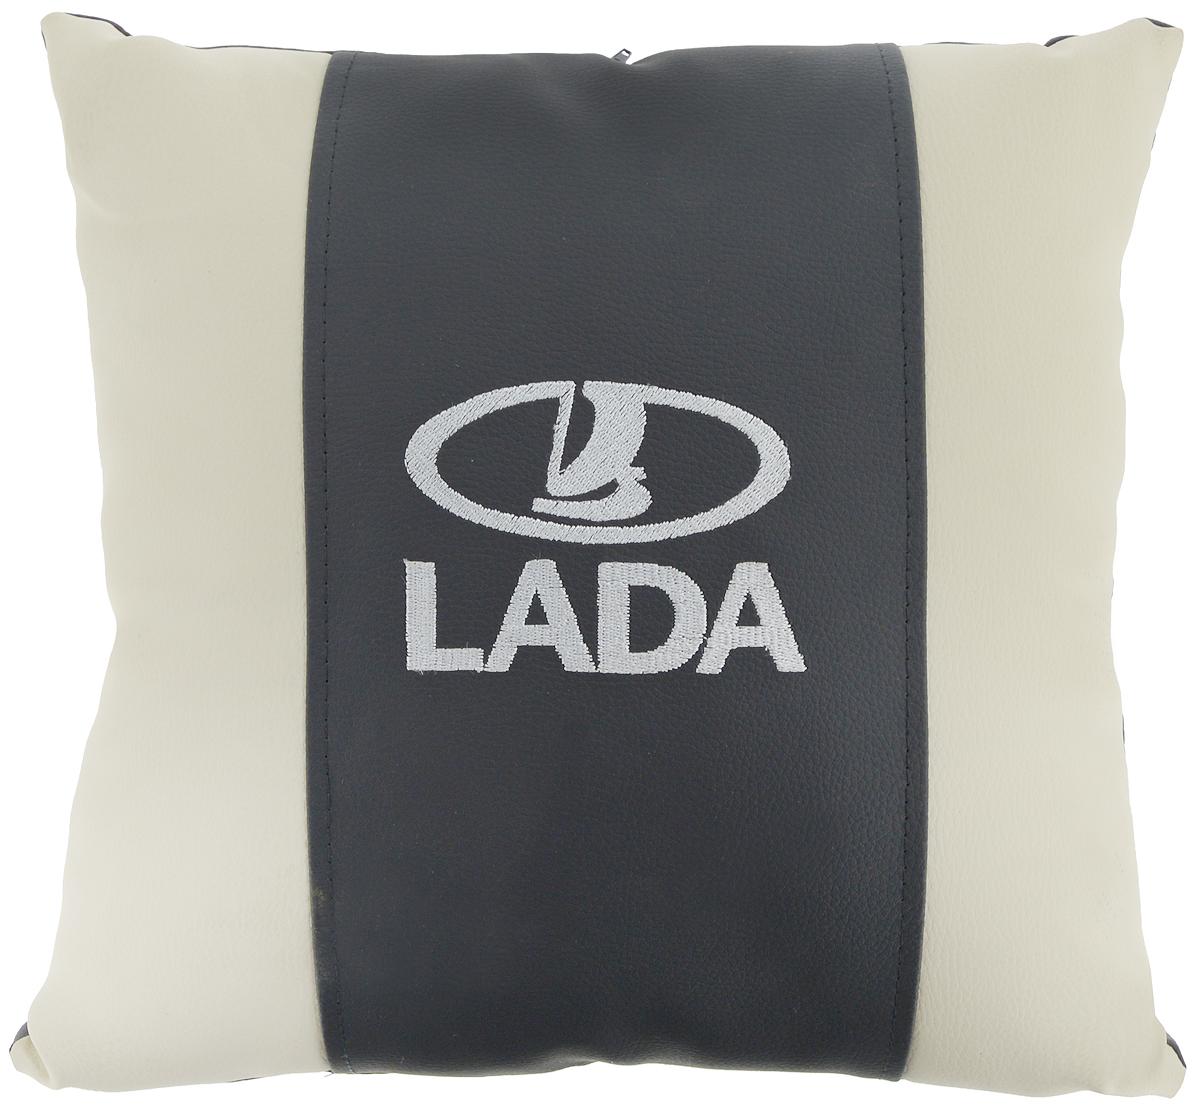 Подушка на сиденье Autoparts Lada, 30 х 30 смМ051Подушка на сиденье Autoparts Lada создана для тех, кто весь свой день вынужден проводить за рулем. Чехол выполнен из высококачественной дышащей экокожи. Наполнителем служит холлофайбер. На задней части подушки имеется змейка. Особенности подушки: - Хорошо проветривается. - Предупреждает потение. - Поддерживает комфортную температуру. - Обминается по форме тела. - Улучшает кровообращение. - Исключает затечные явления. - Предупреждает развитие заболеваний, связанных с сидячим образом жизни. Подушка также будет полезна и дома - при работе за компьютером, школьникам - при выполнении домашних работ, да и в любимом кресле перед телевизором.